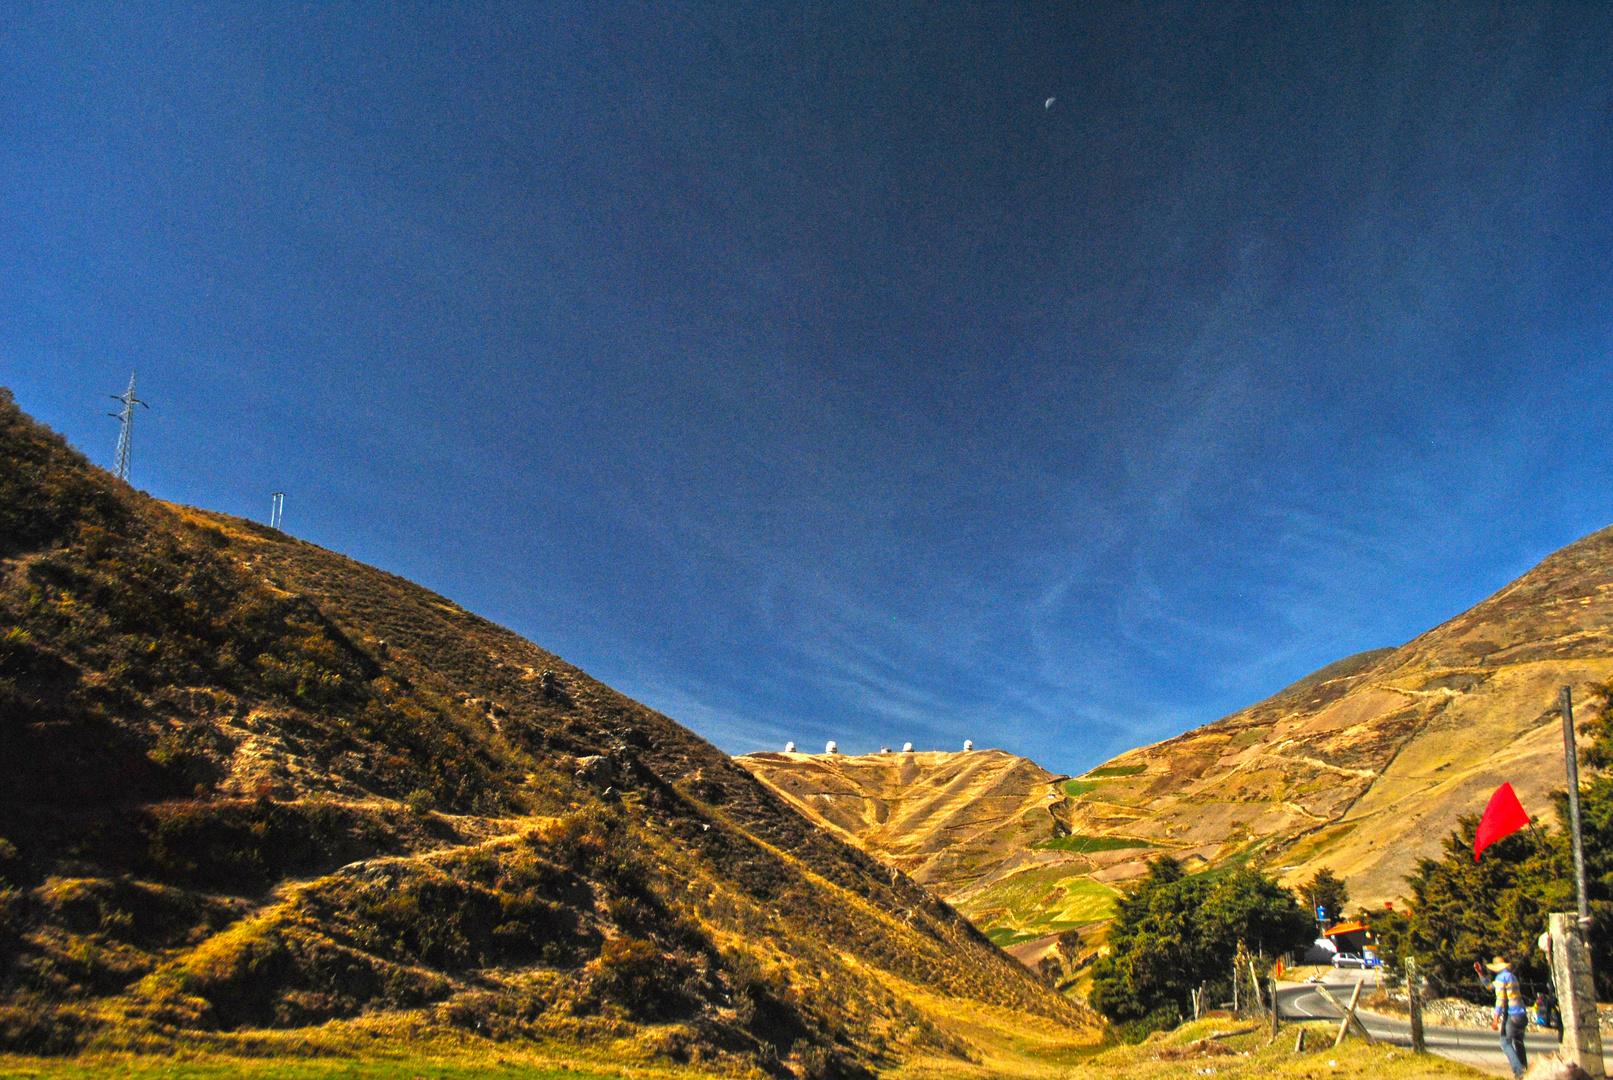 Observatorio Nacional CIDA - Estado Merida - Venezuela By DjDang3r